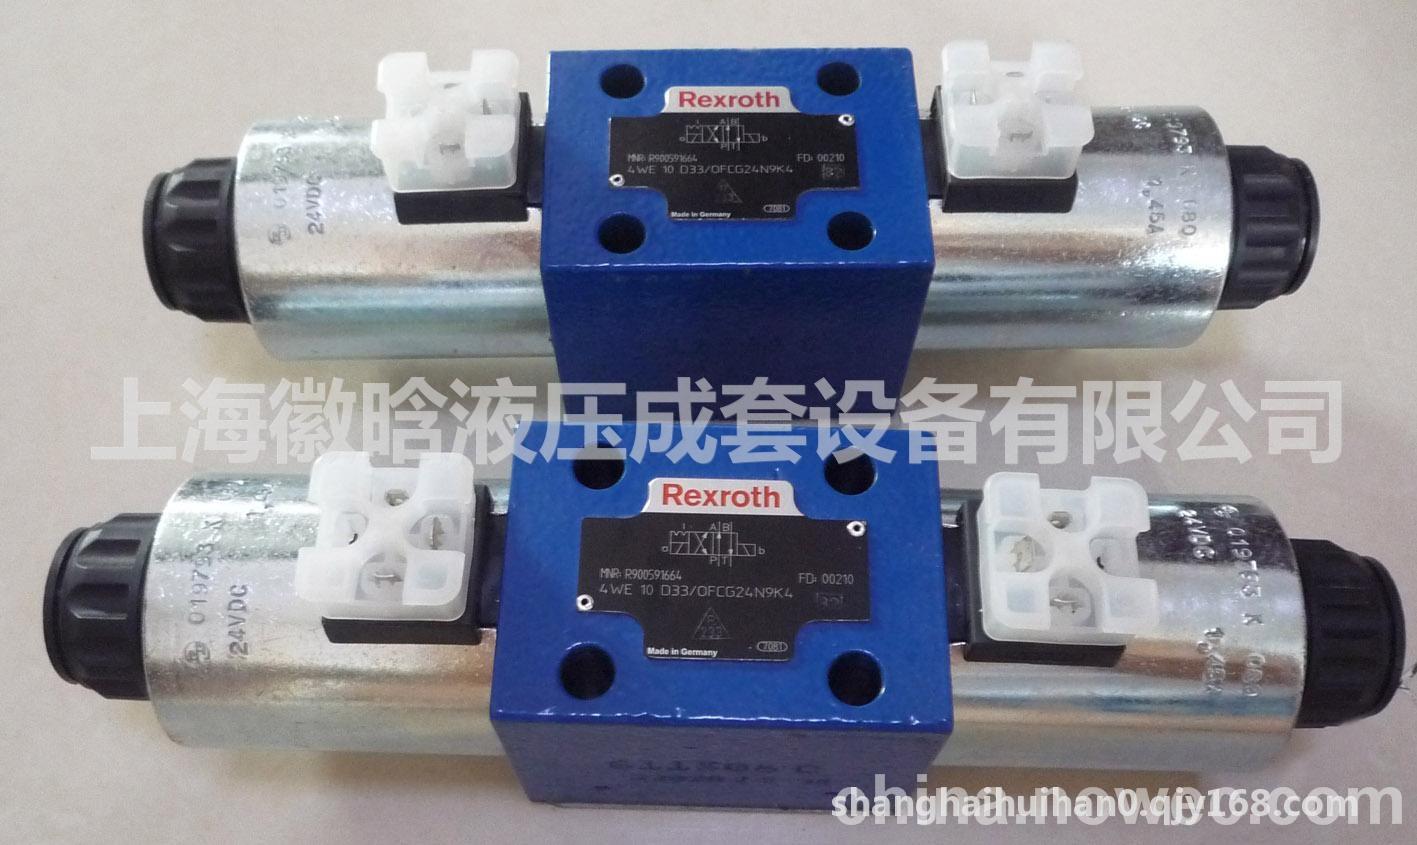 液压泵 4we10y3x/cg24n5l 电磁换向阀 4we6y6x/eg24nz5l 二位四通电磁图片